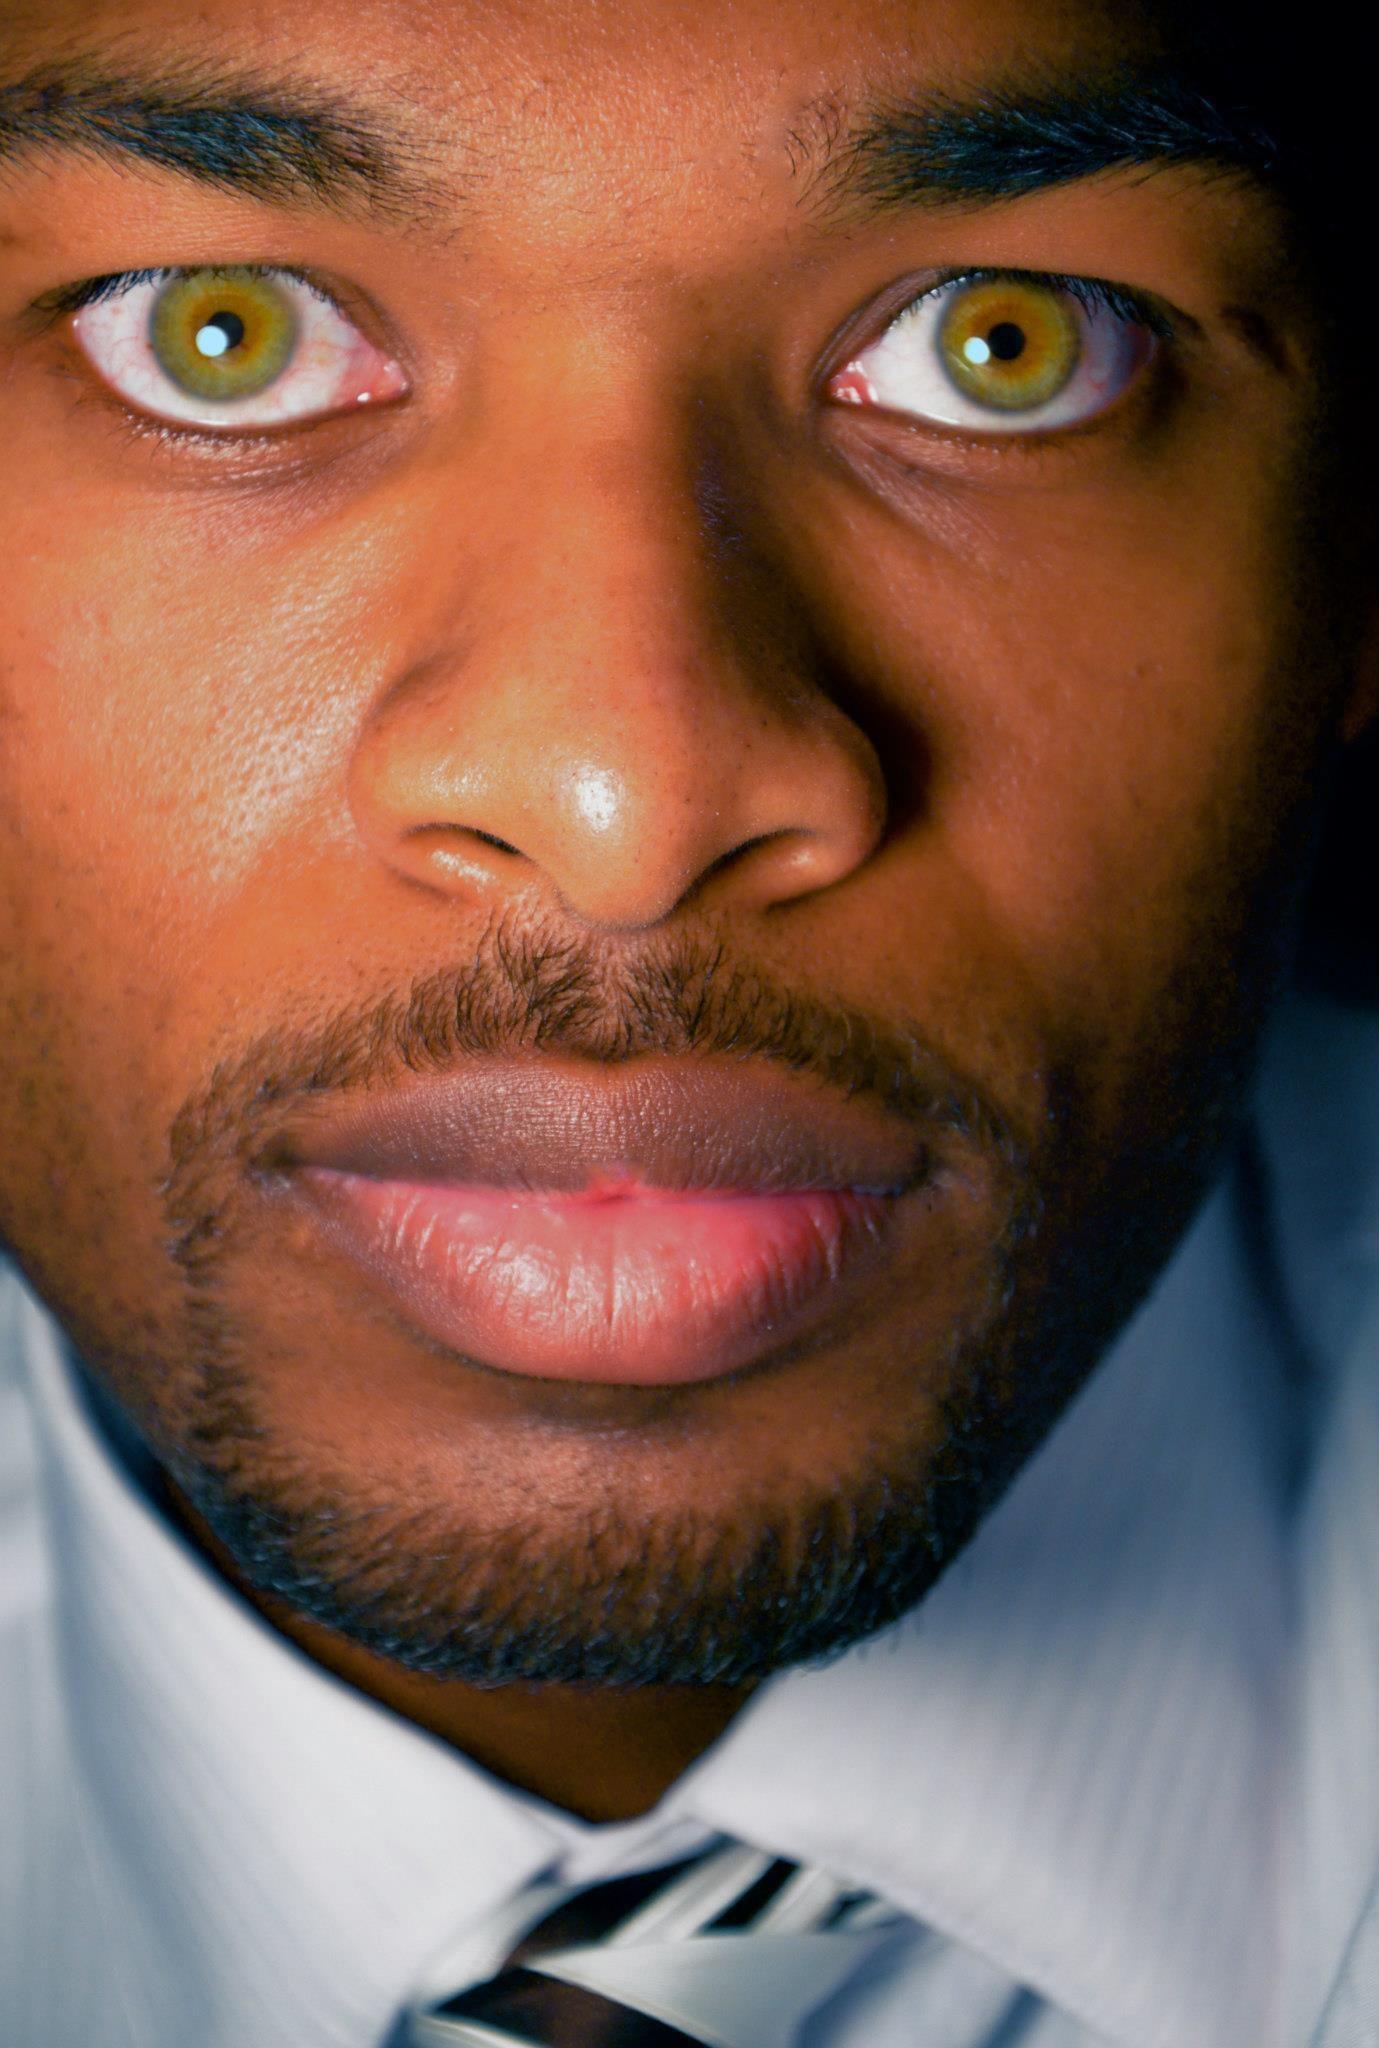 Im a Black man with weird eyes | Rikes - Augen ...